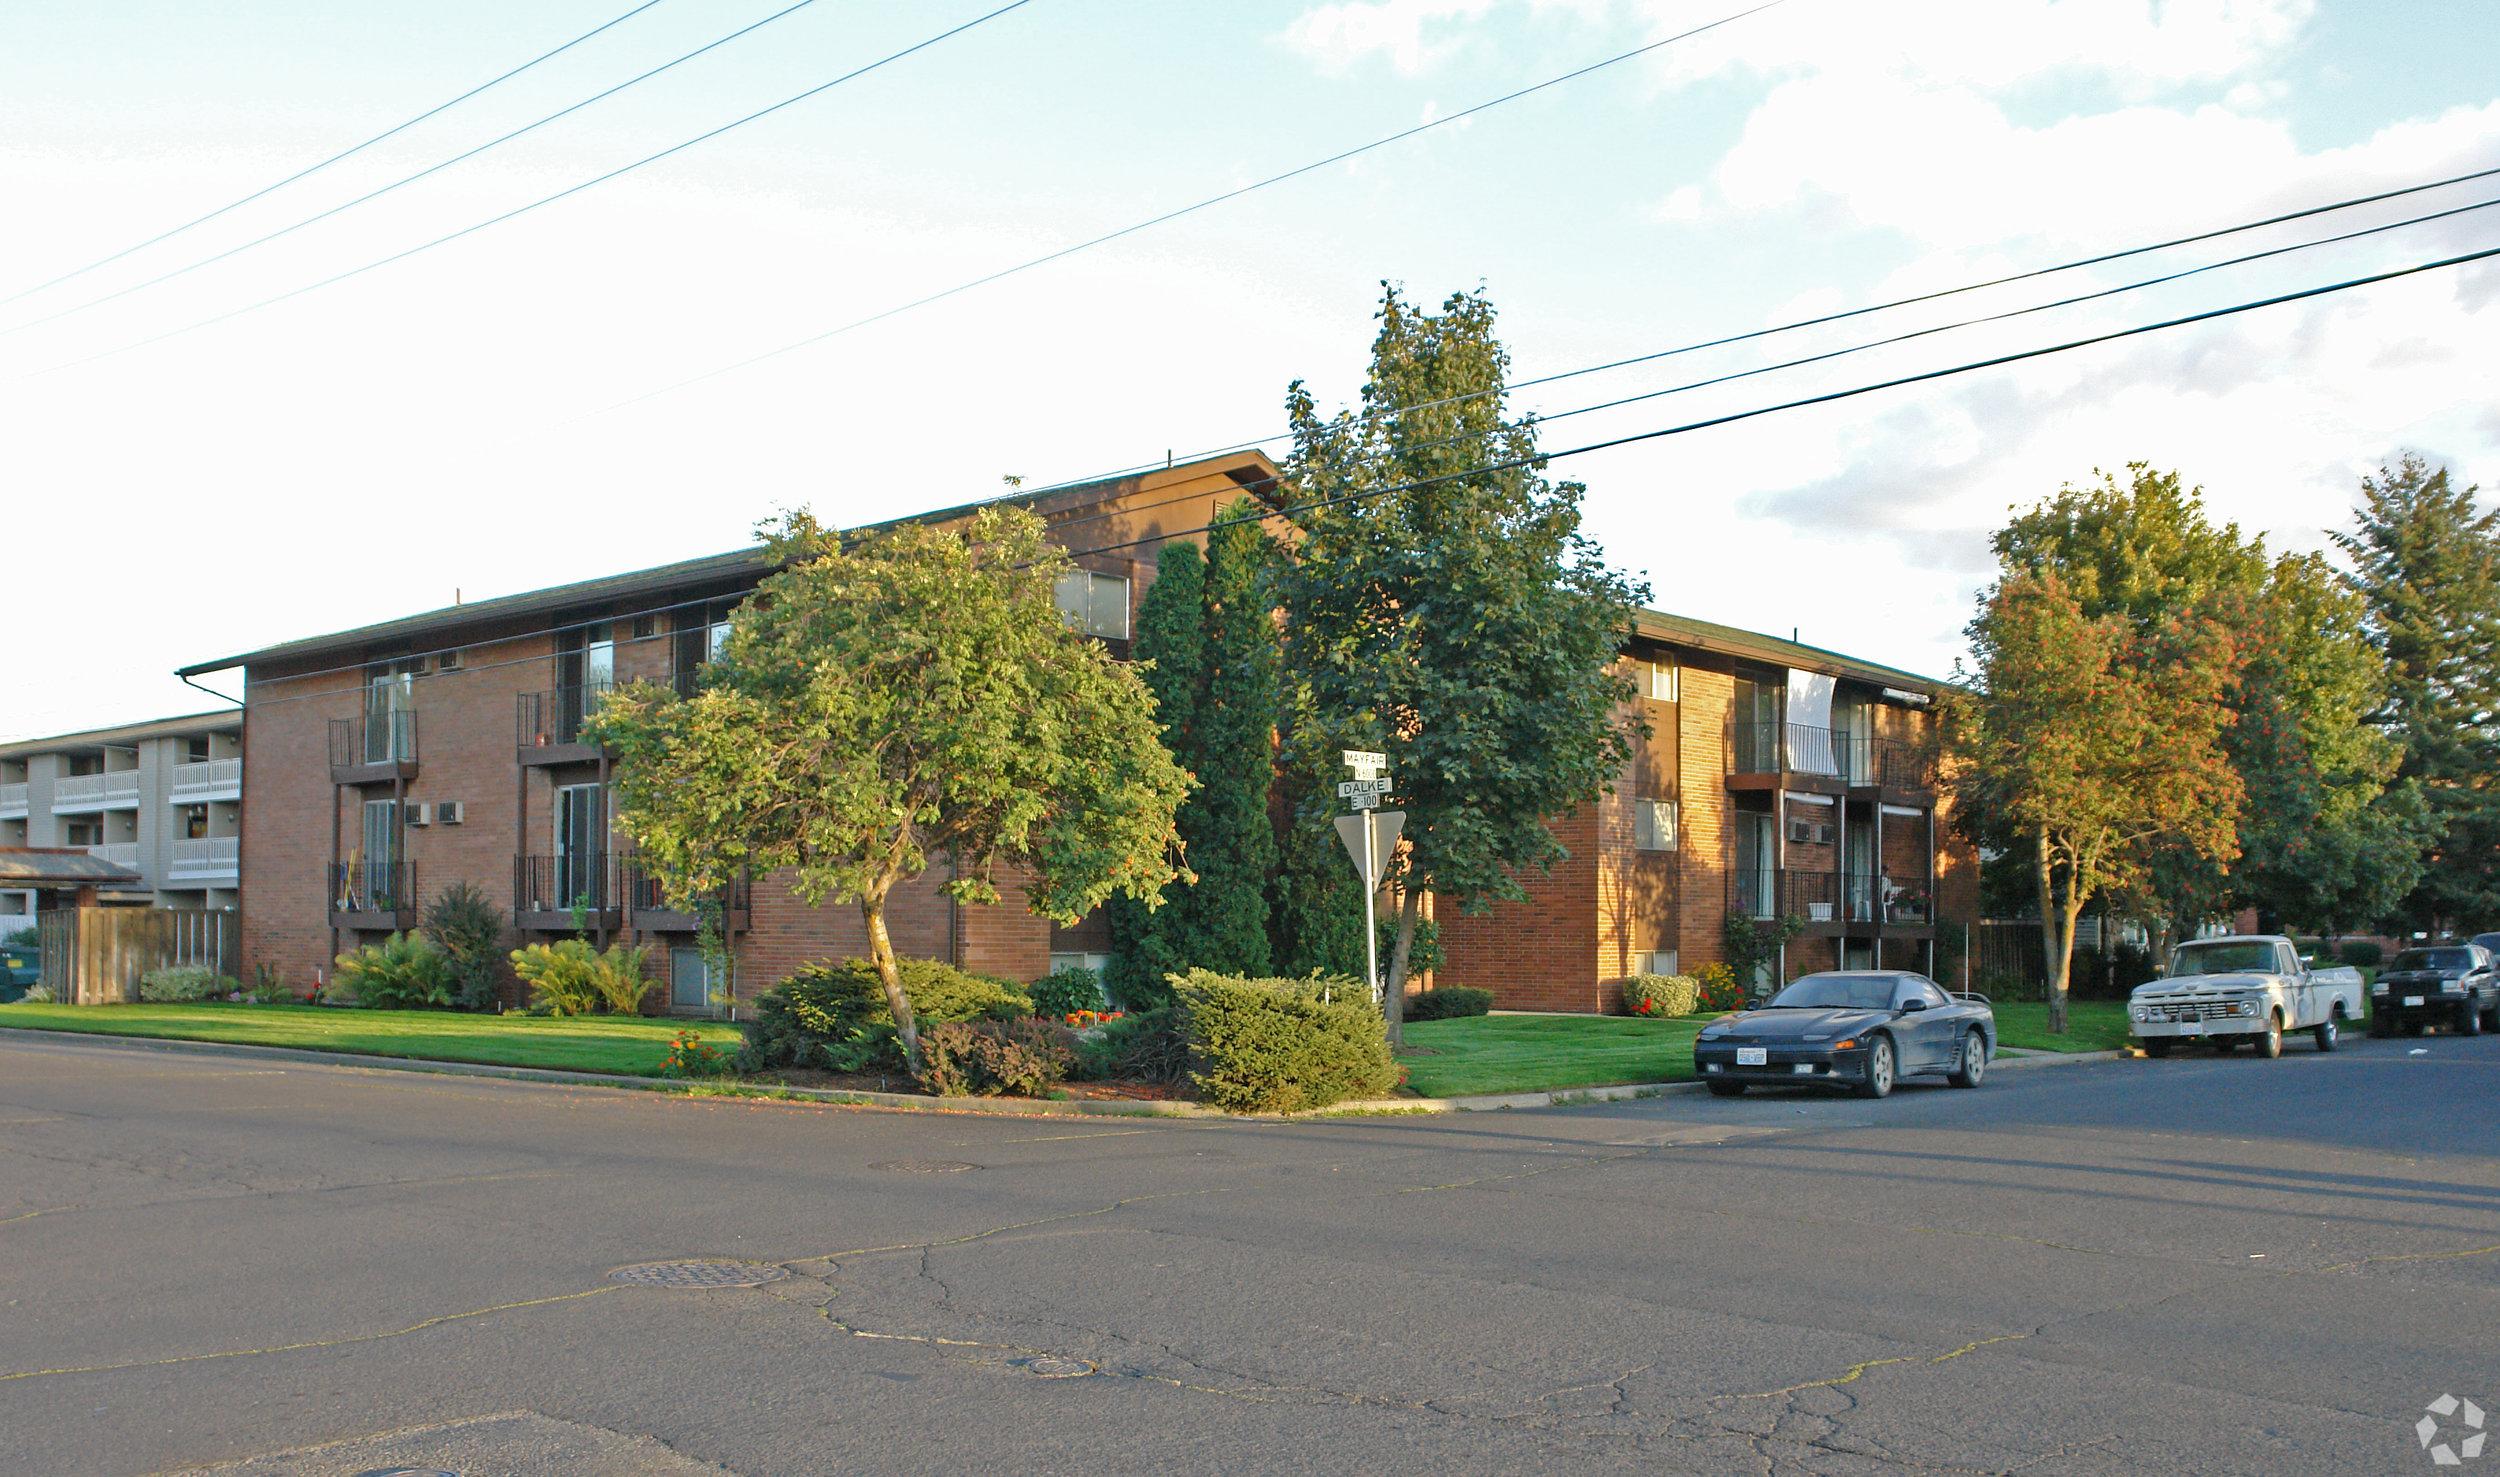 15 Unit Apartment in North Spokane  Sale: $775,000